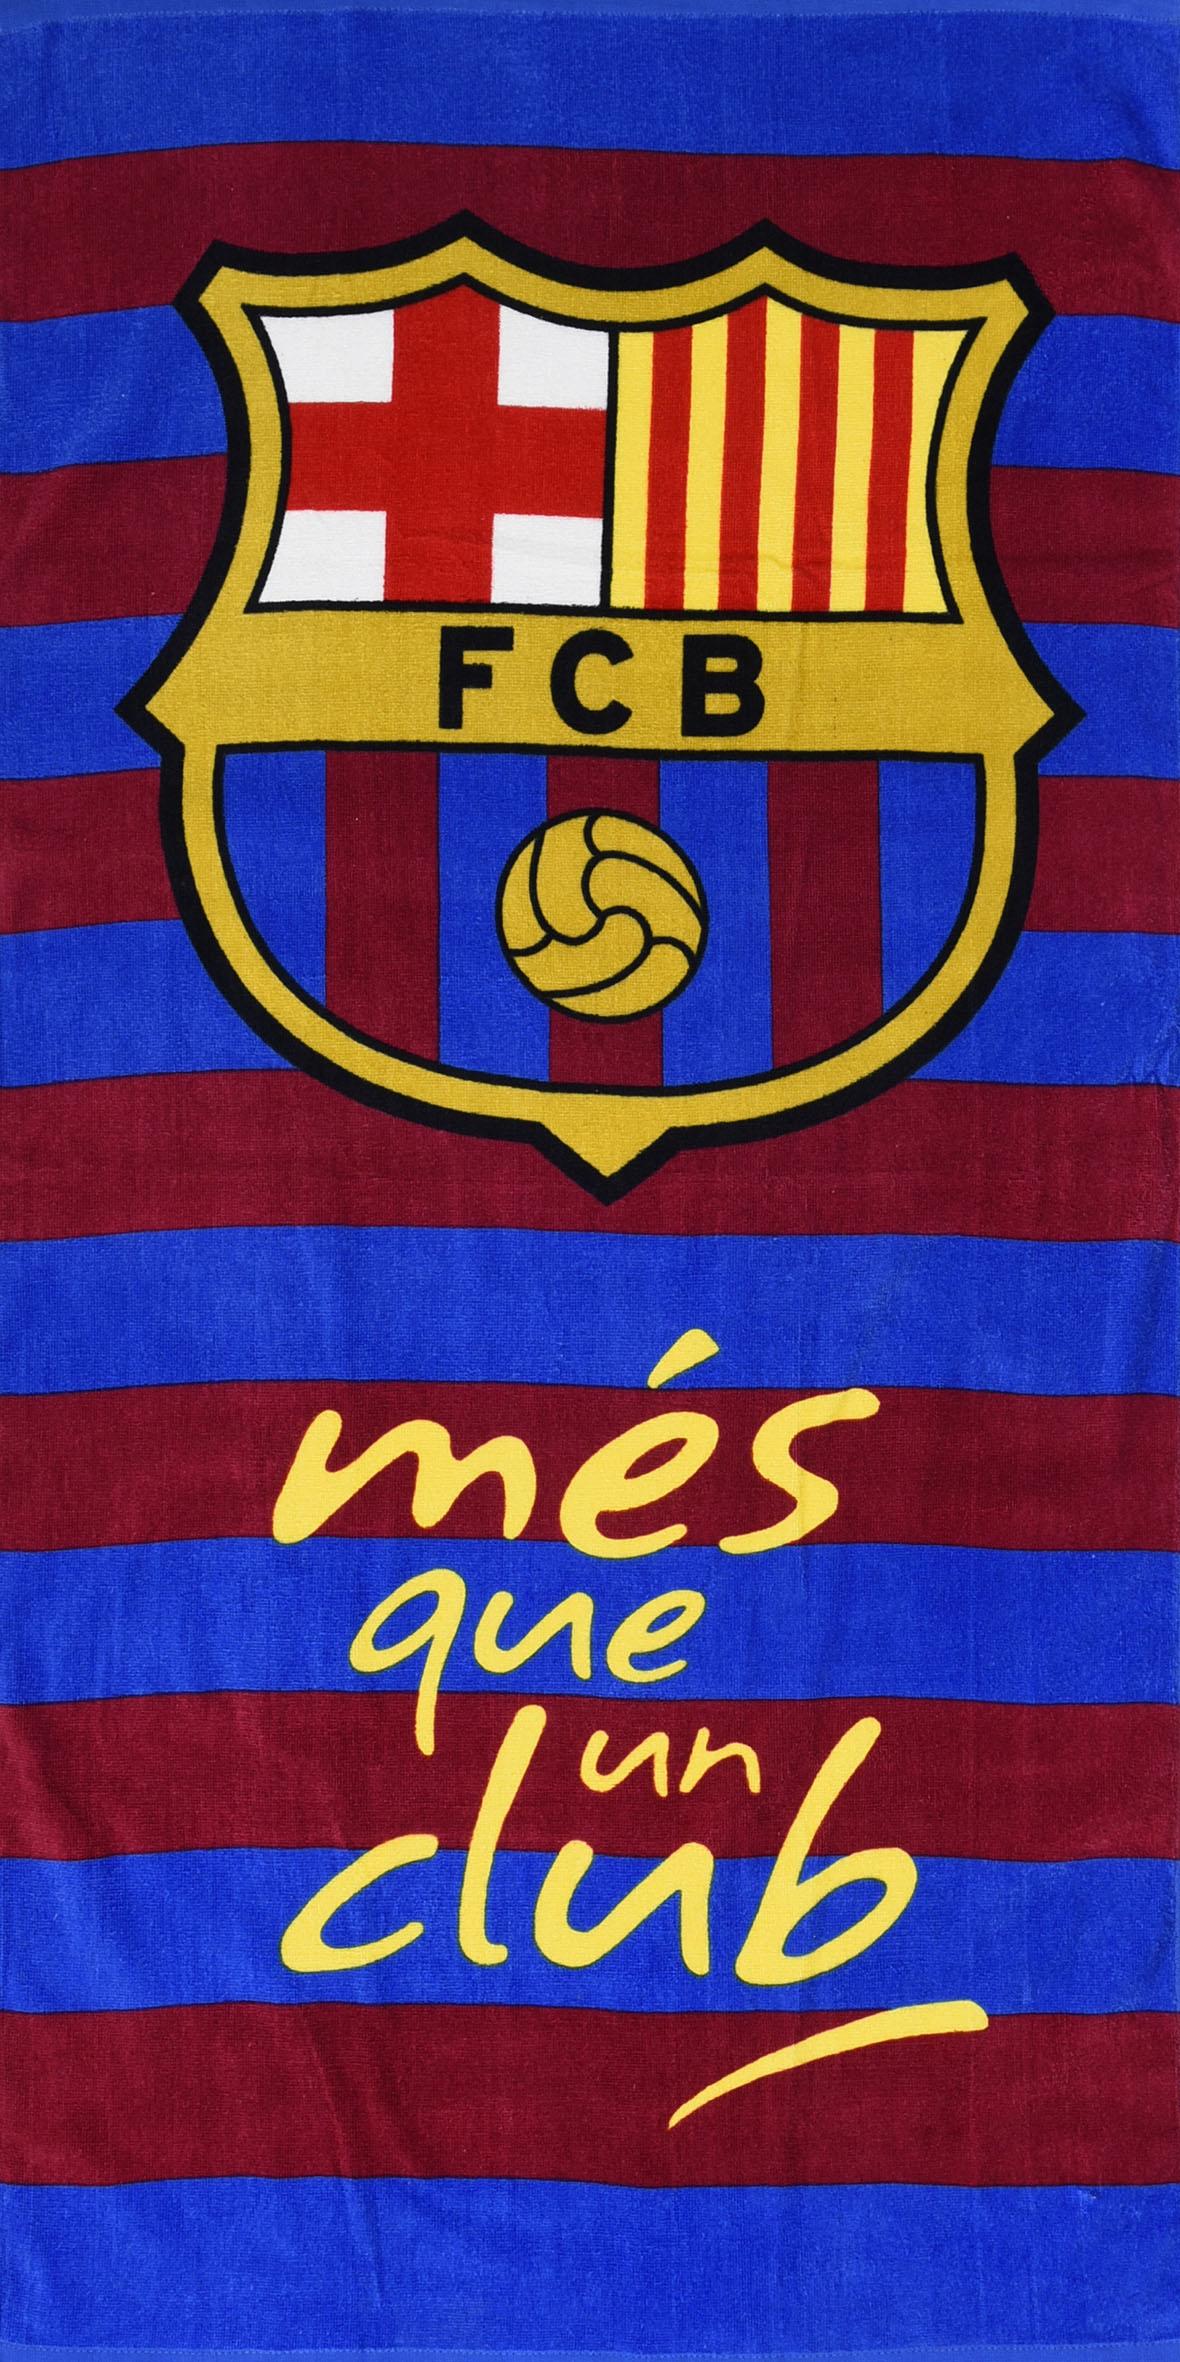 C.Fußballverein Strand Handtuch Jungen Kinder Ventilator Urlaub Neu Barcelona f